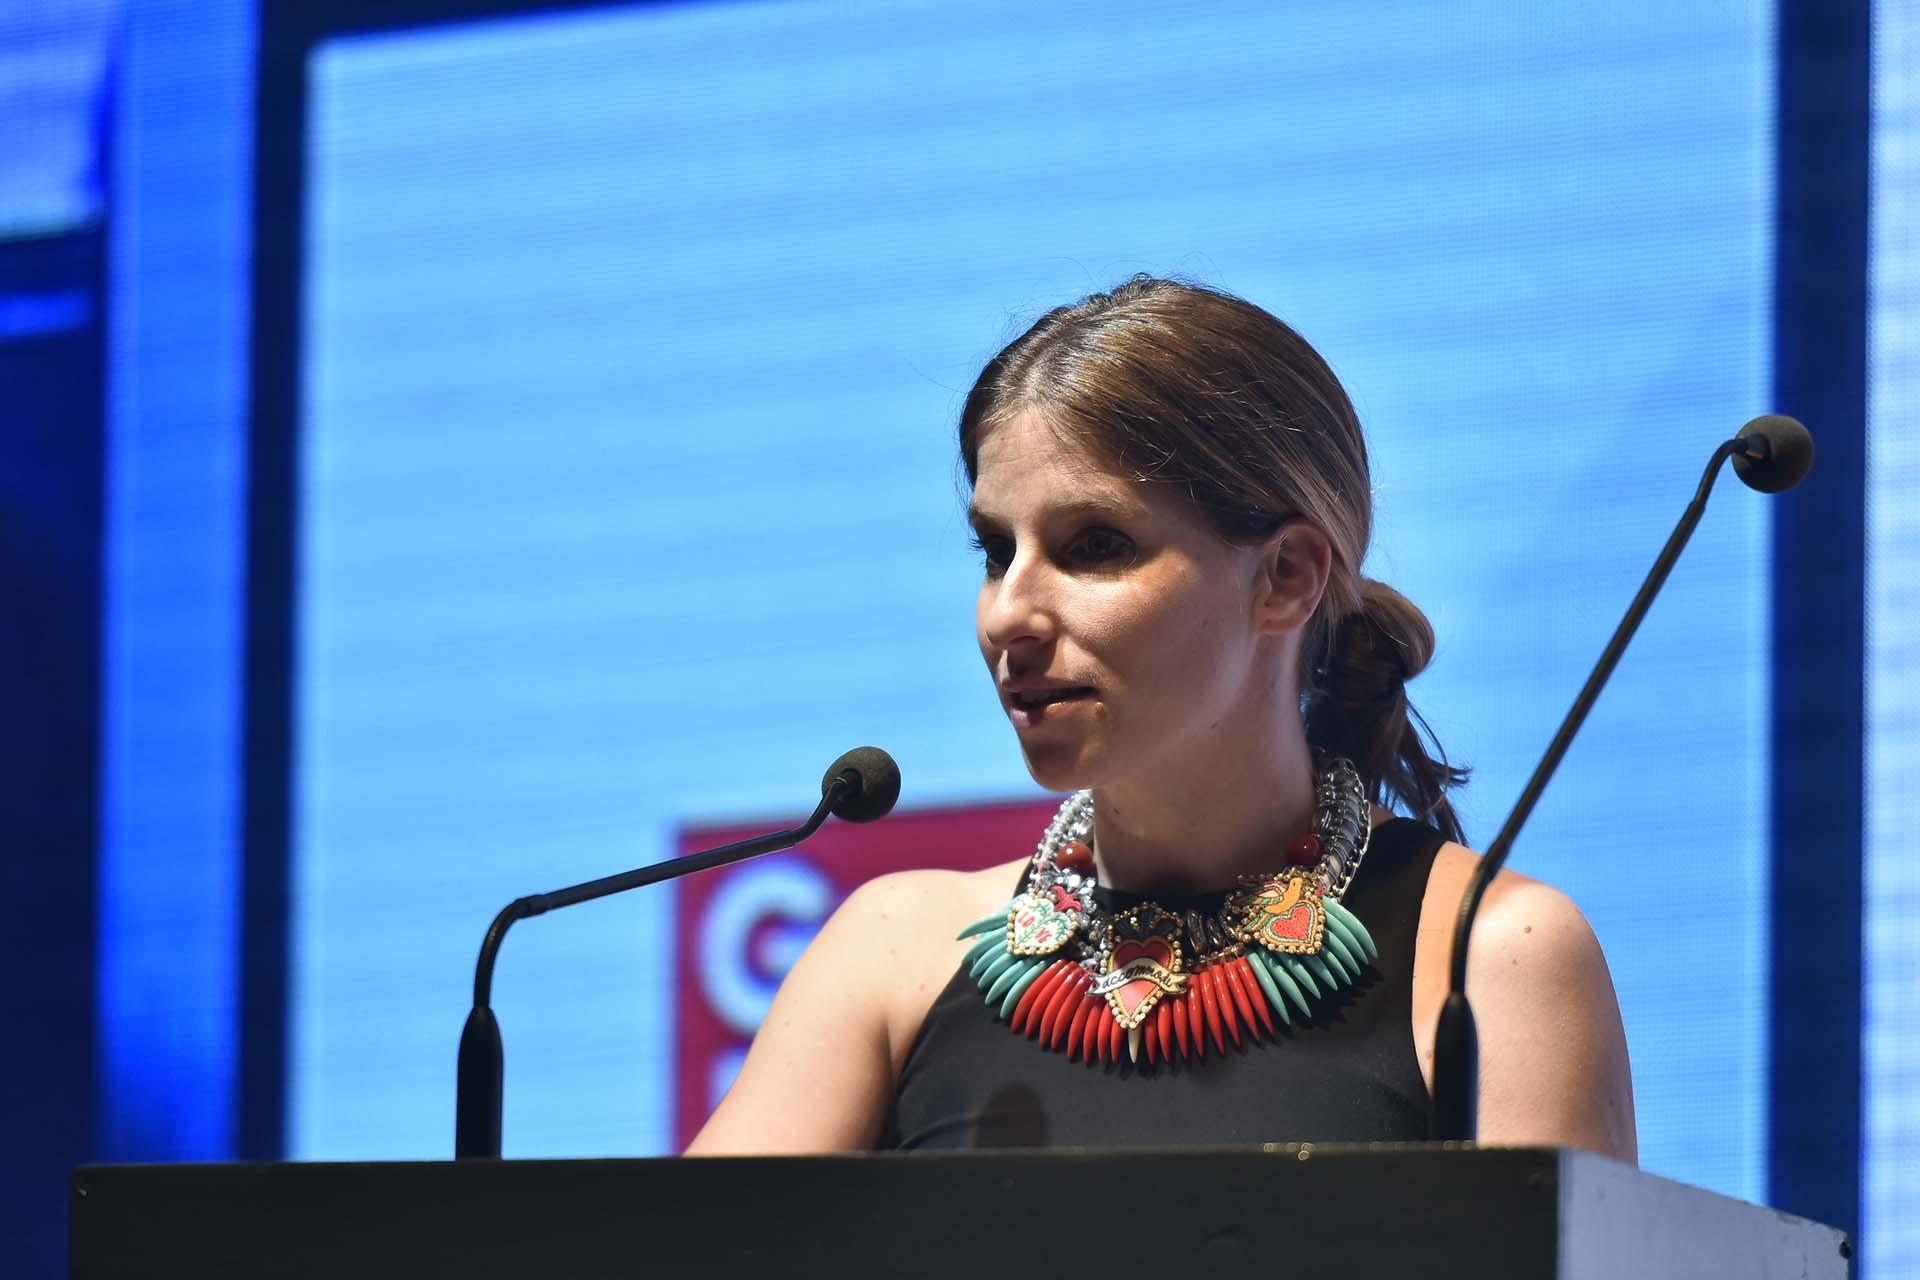 Priscila Pipman, directora comercial de Infobae, subió al escenario y compartió unas palabras con el público presente